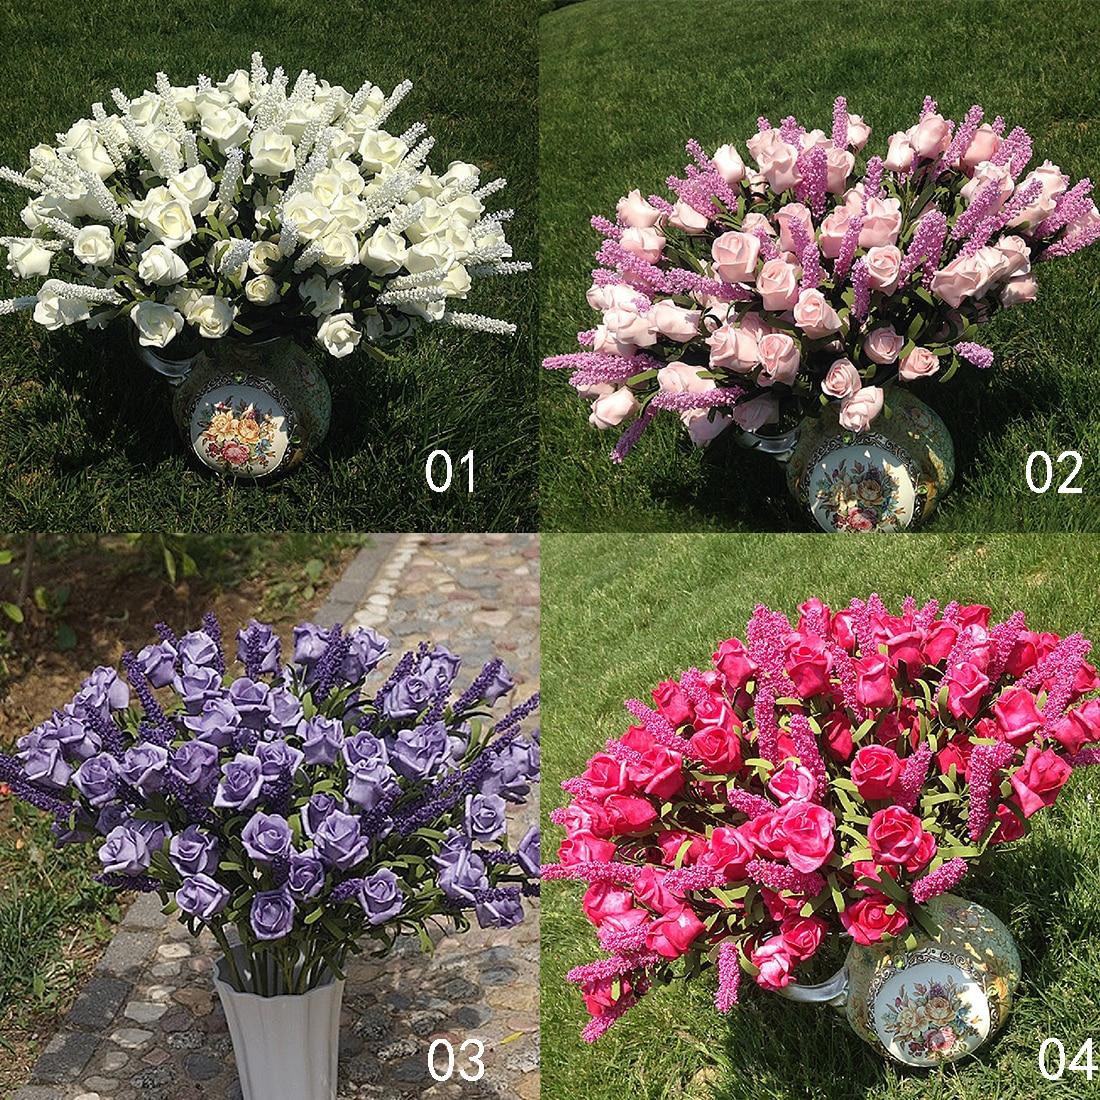 Искусственные цветы из пиона и шелка для свадьбы, 9 головок, Декор для дома